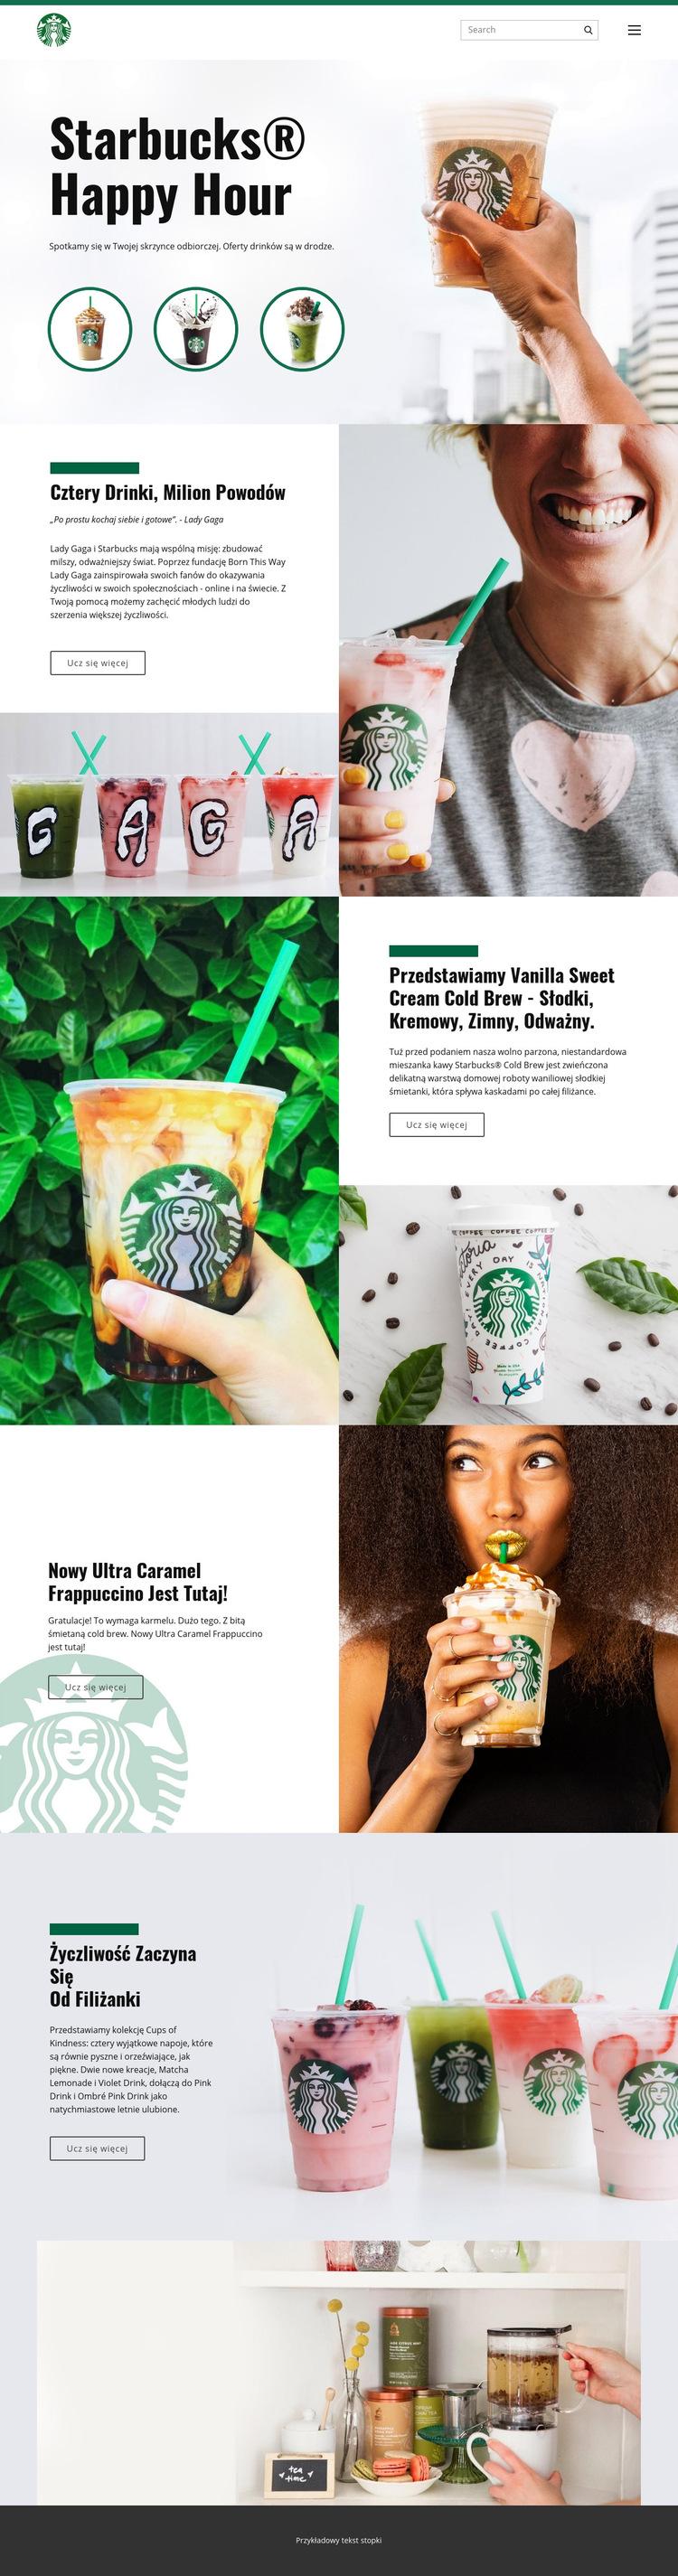 Starbucks Coffee Szablon witryny sieci Web